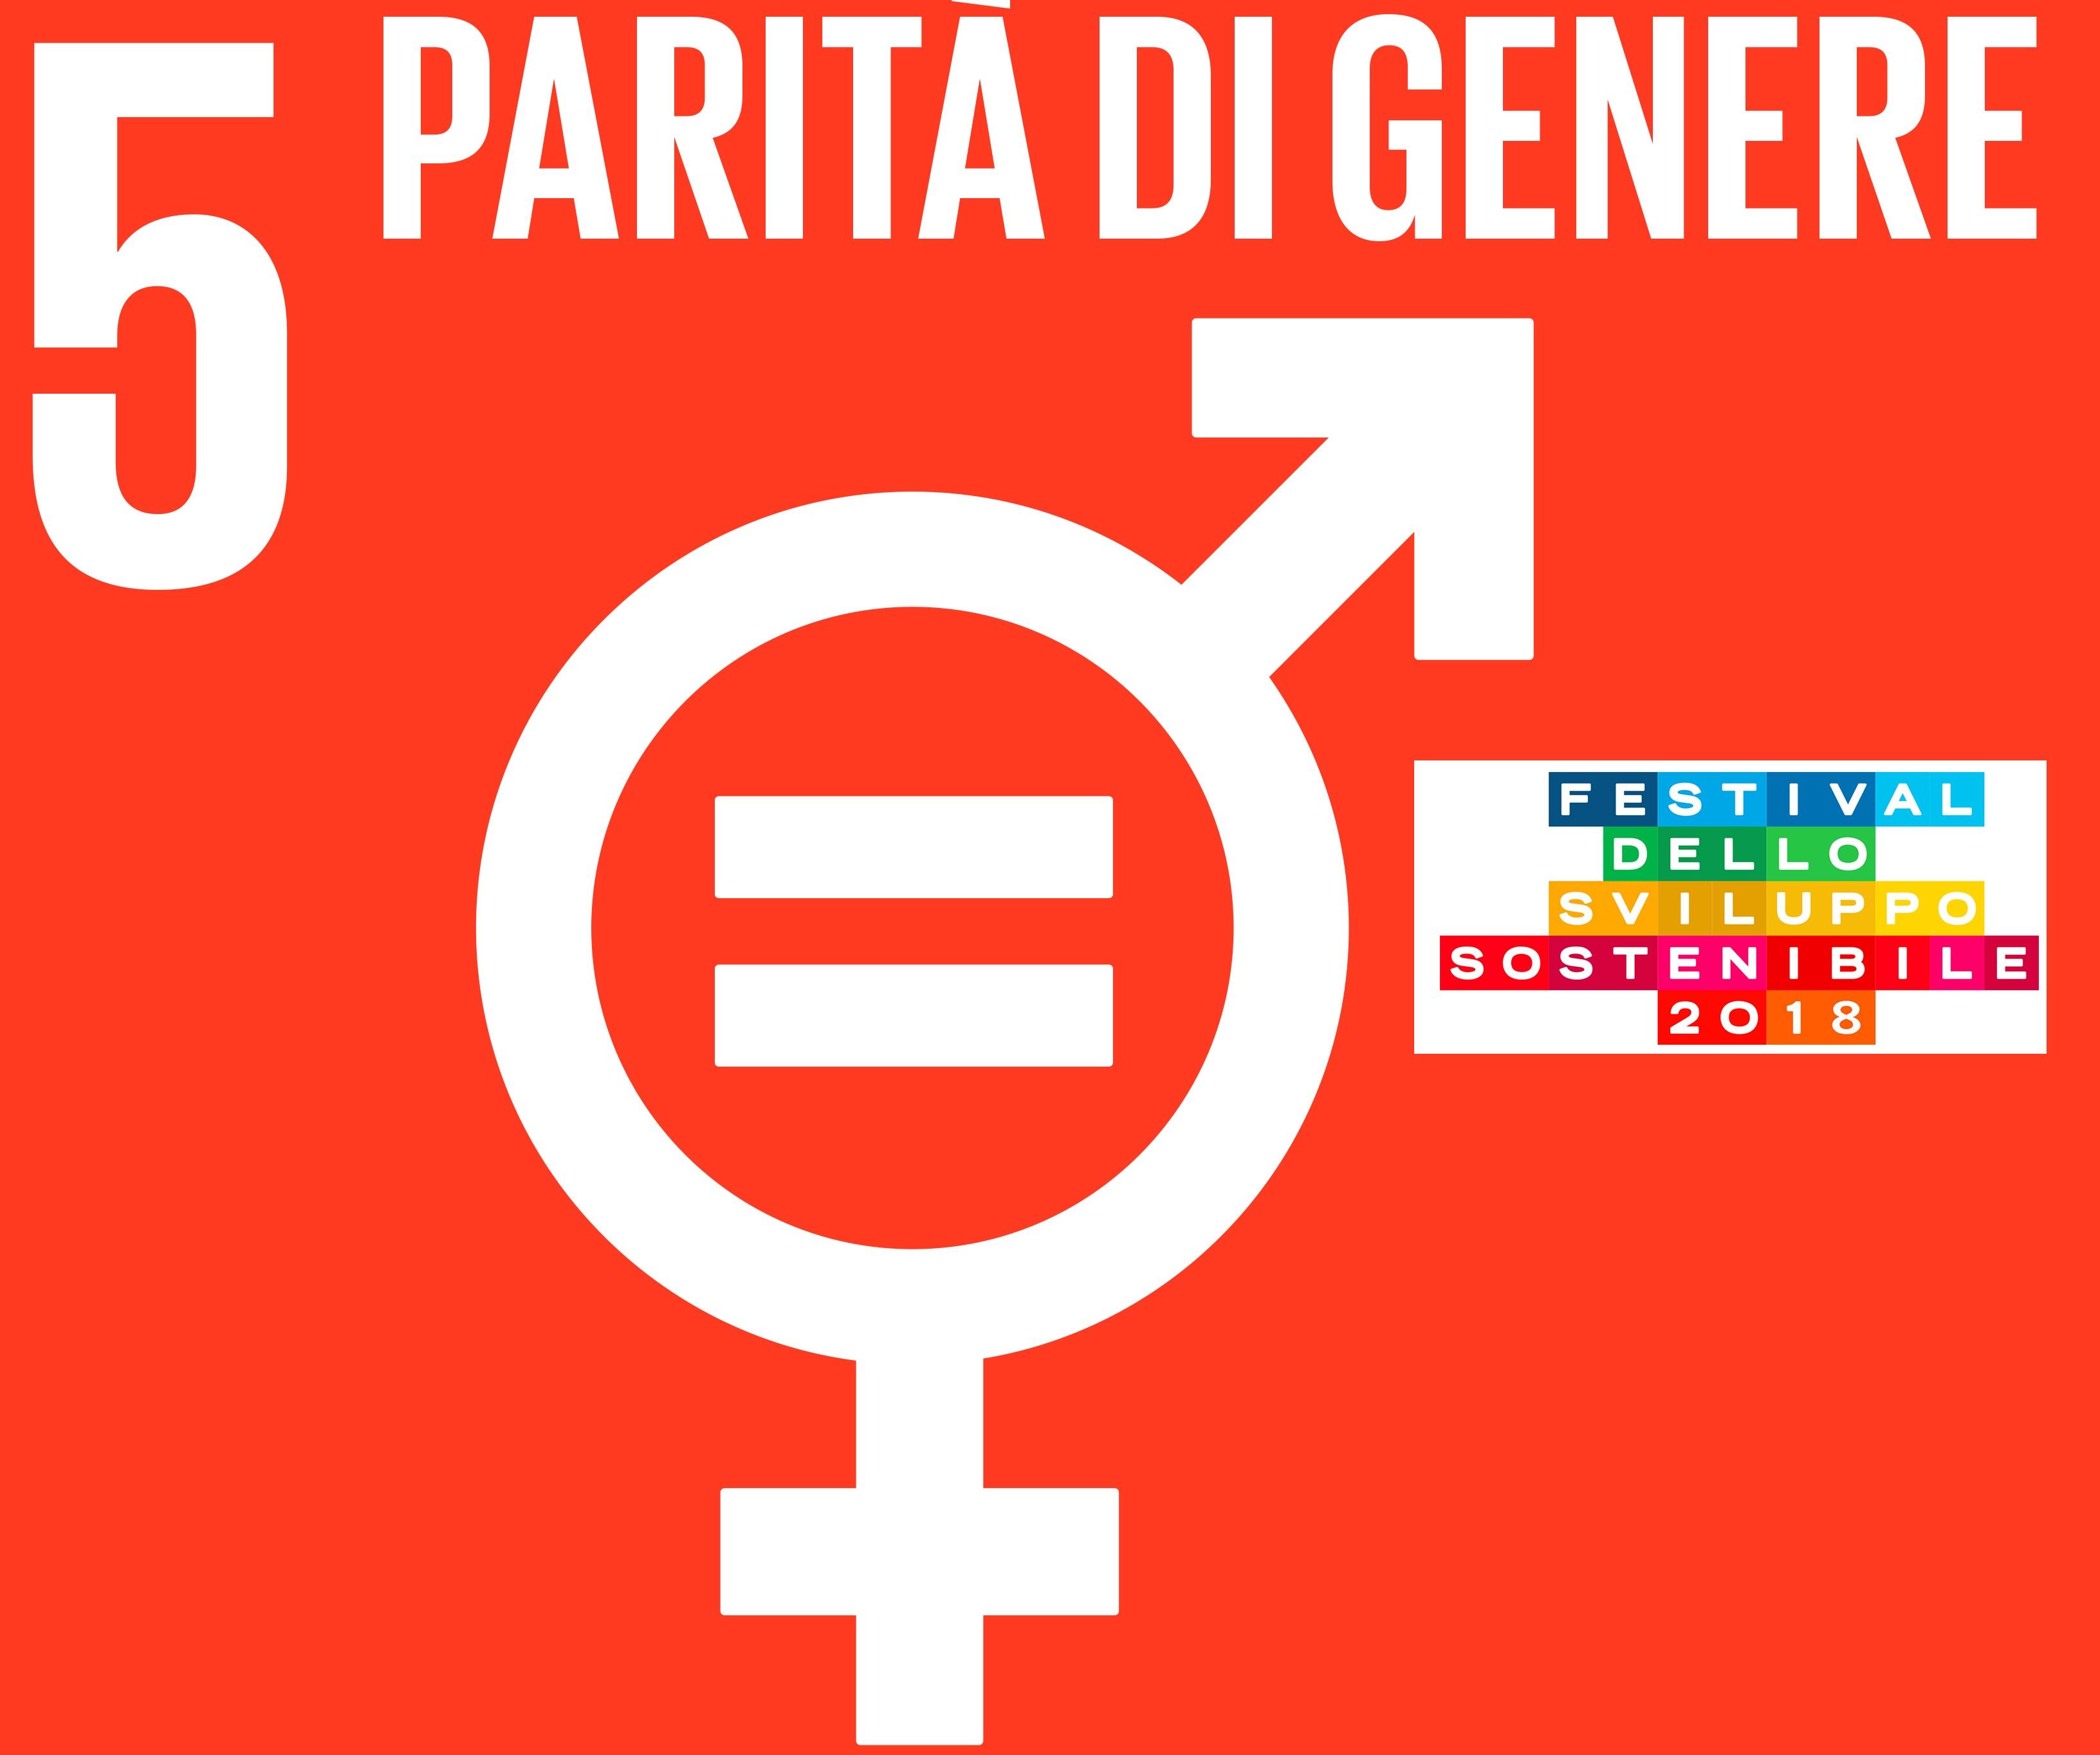 Festival dello Sviluppo Sostenibile. SDG 5: Parità di Genere